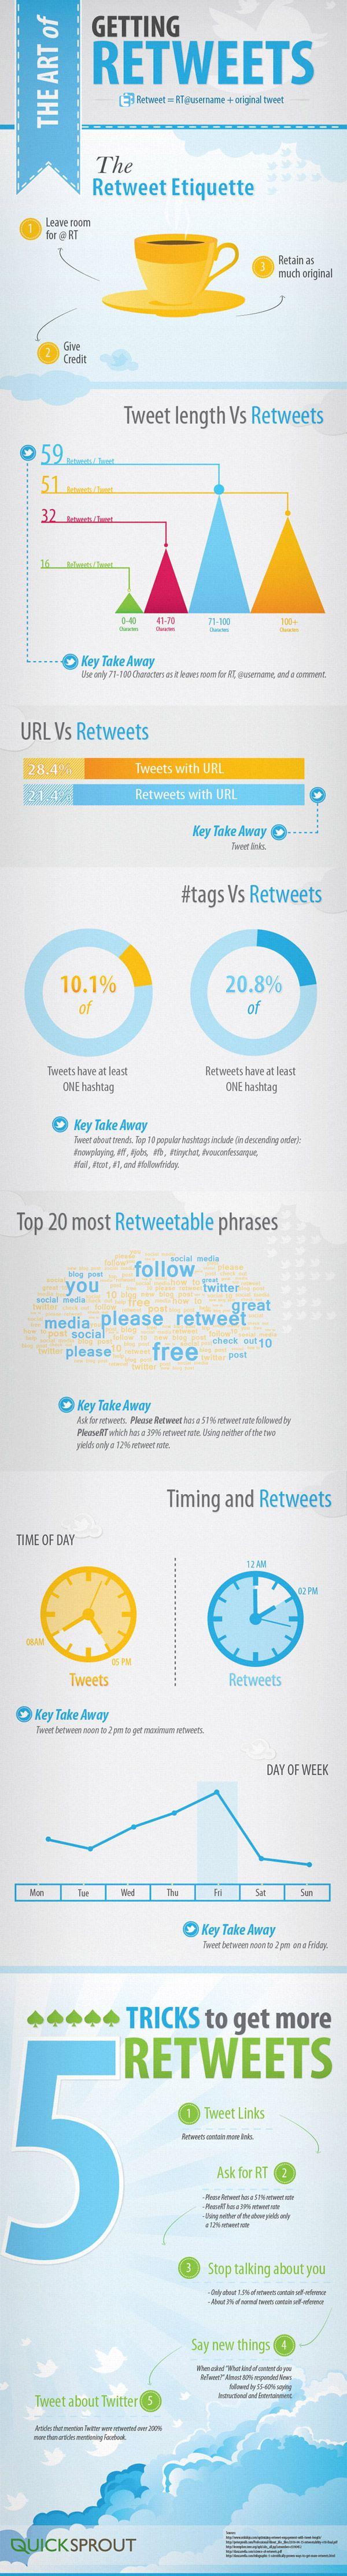 Enkele eenvoudige tips om meer retweets te krijgen | C-Works!